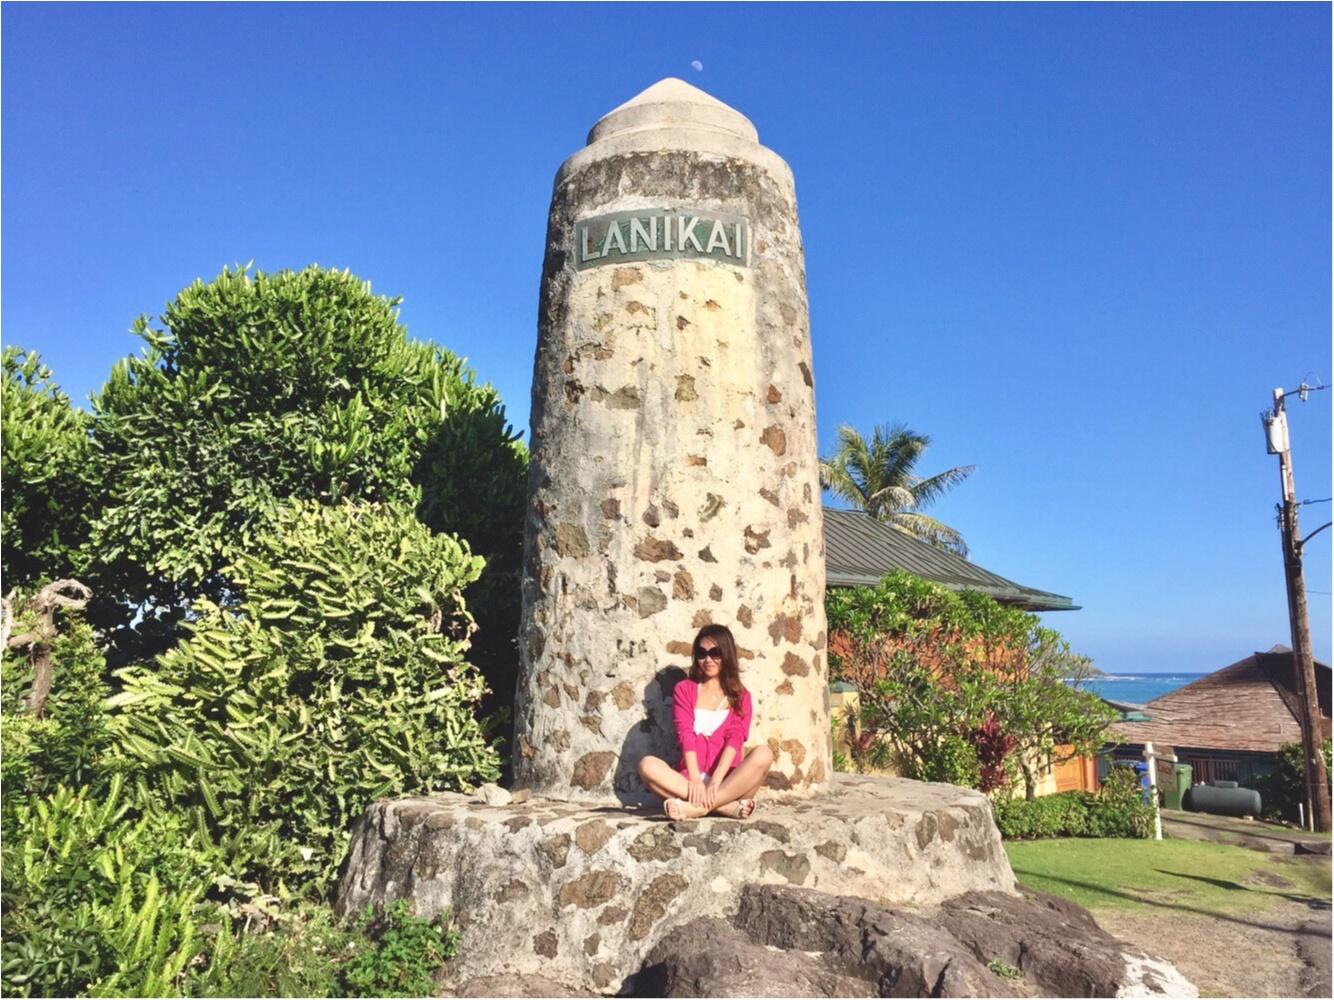 【TRIP】ワイキキビーチだけじゃない♡ハワイで行きたいまったりビーチはここがおすすめ♡_3